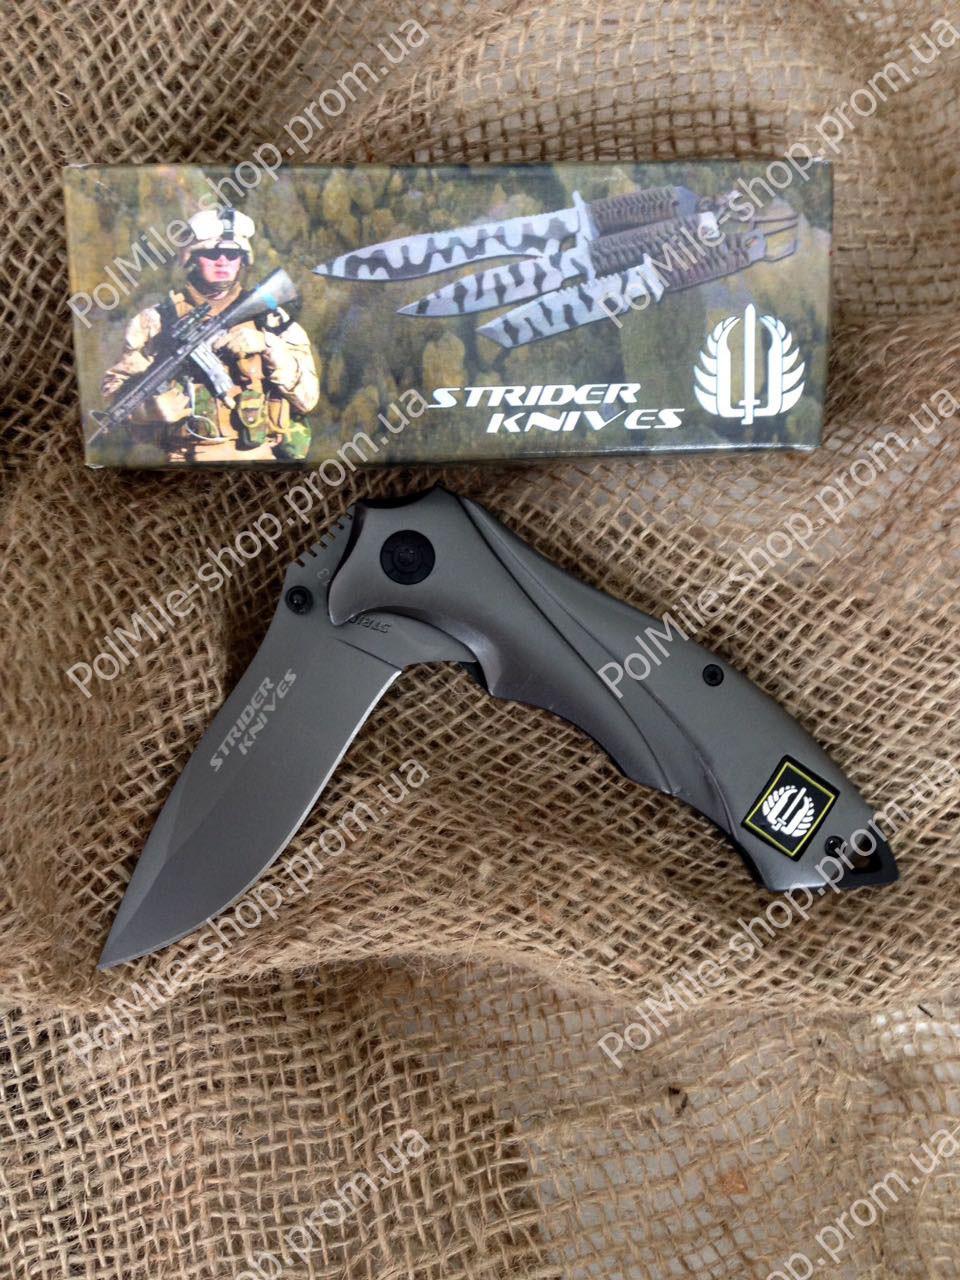 Ніж тактичний Strider Knives U. S. A. Титанове покриття. Напівавтомат.